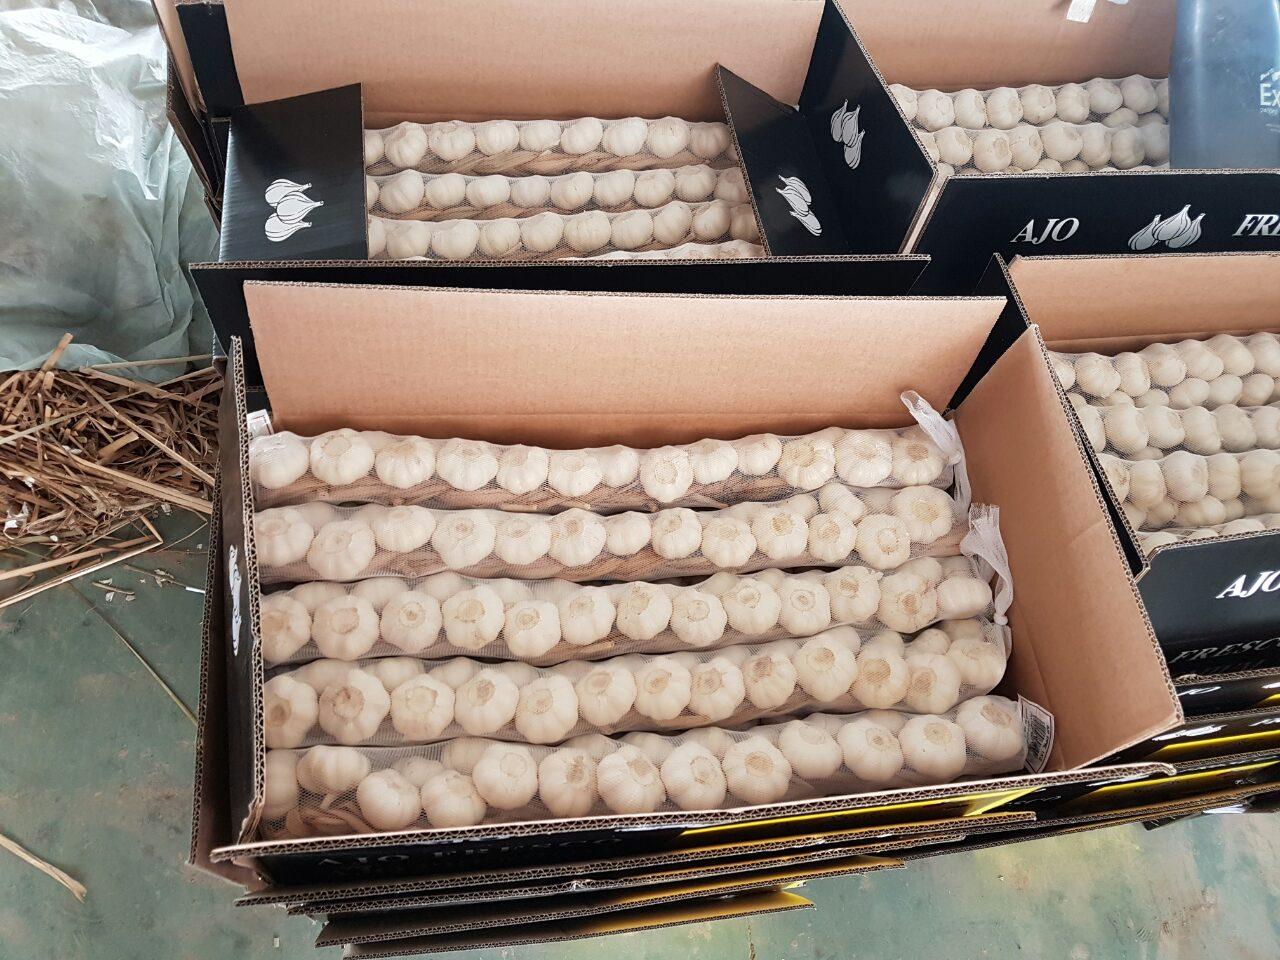 чеснок заплетенный косичками в картонном ящике